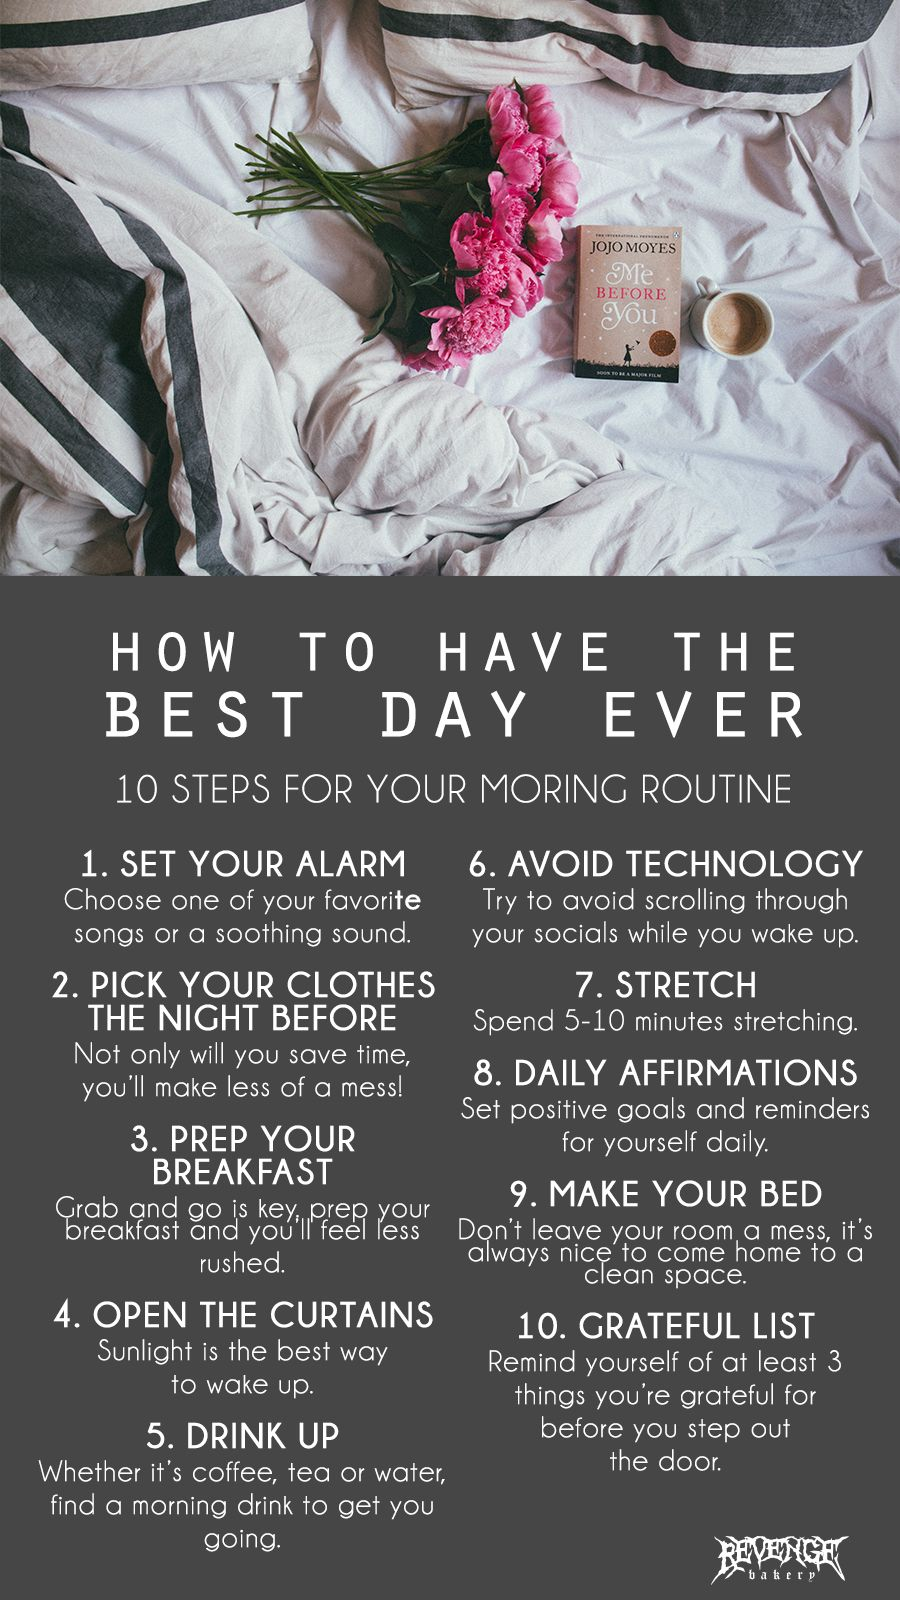 My Morning Routine #morningroutine